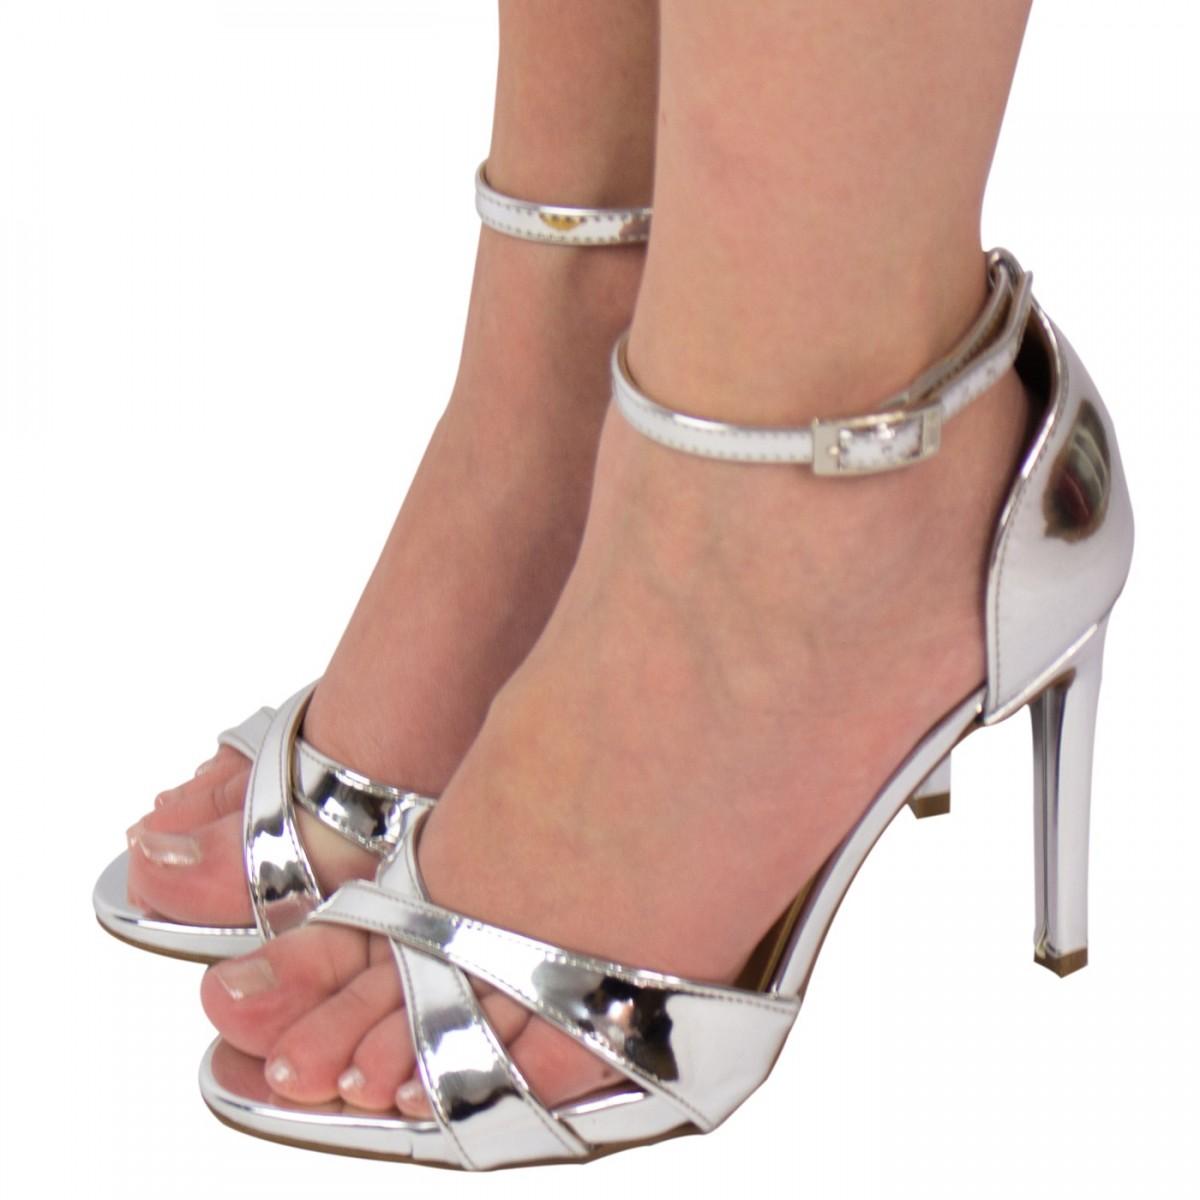 f31e5d542 Bizz Store - Sandália Feminina Vizzano Metal Glamour Salto Alto